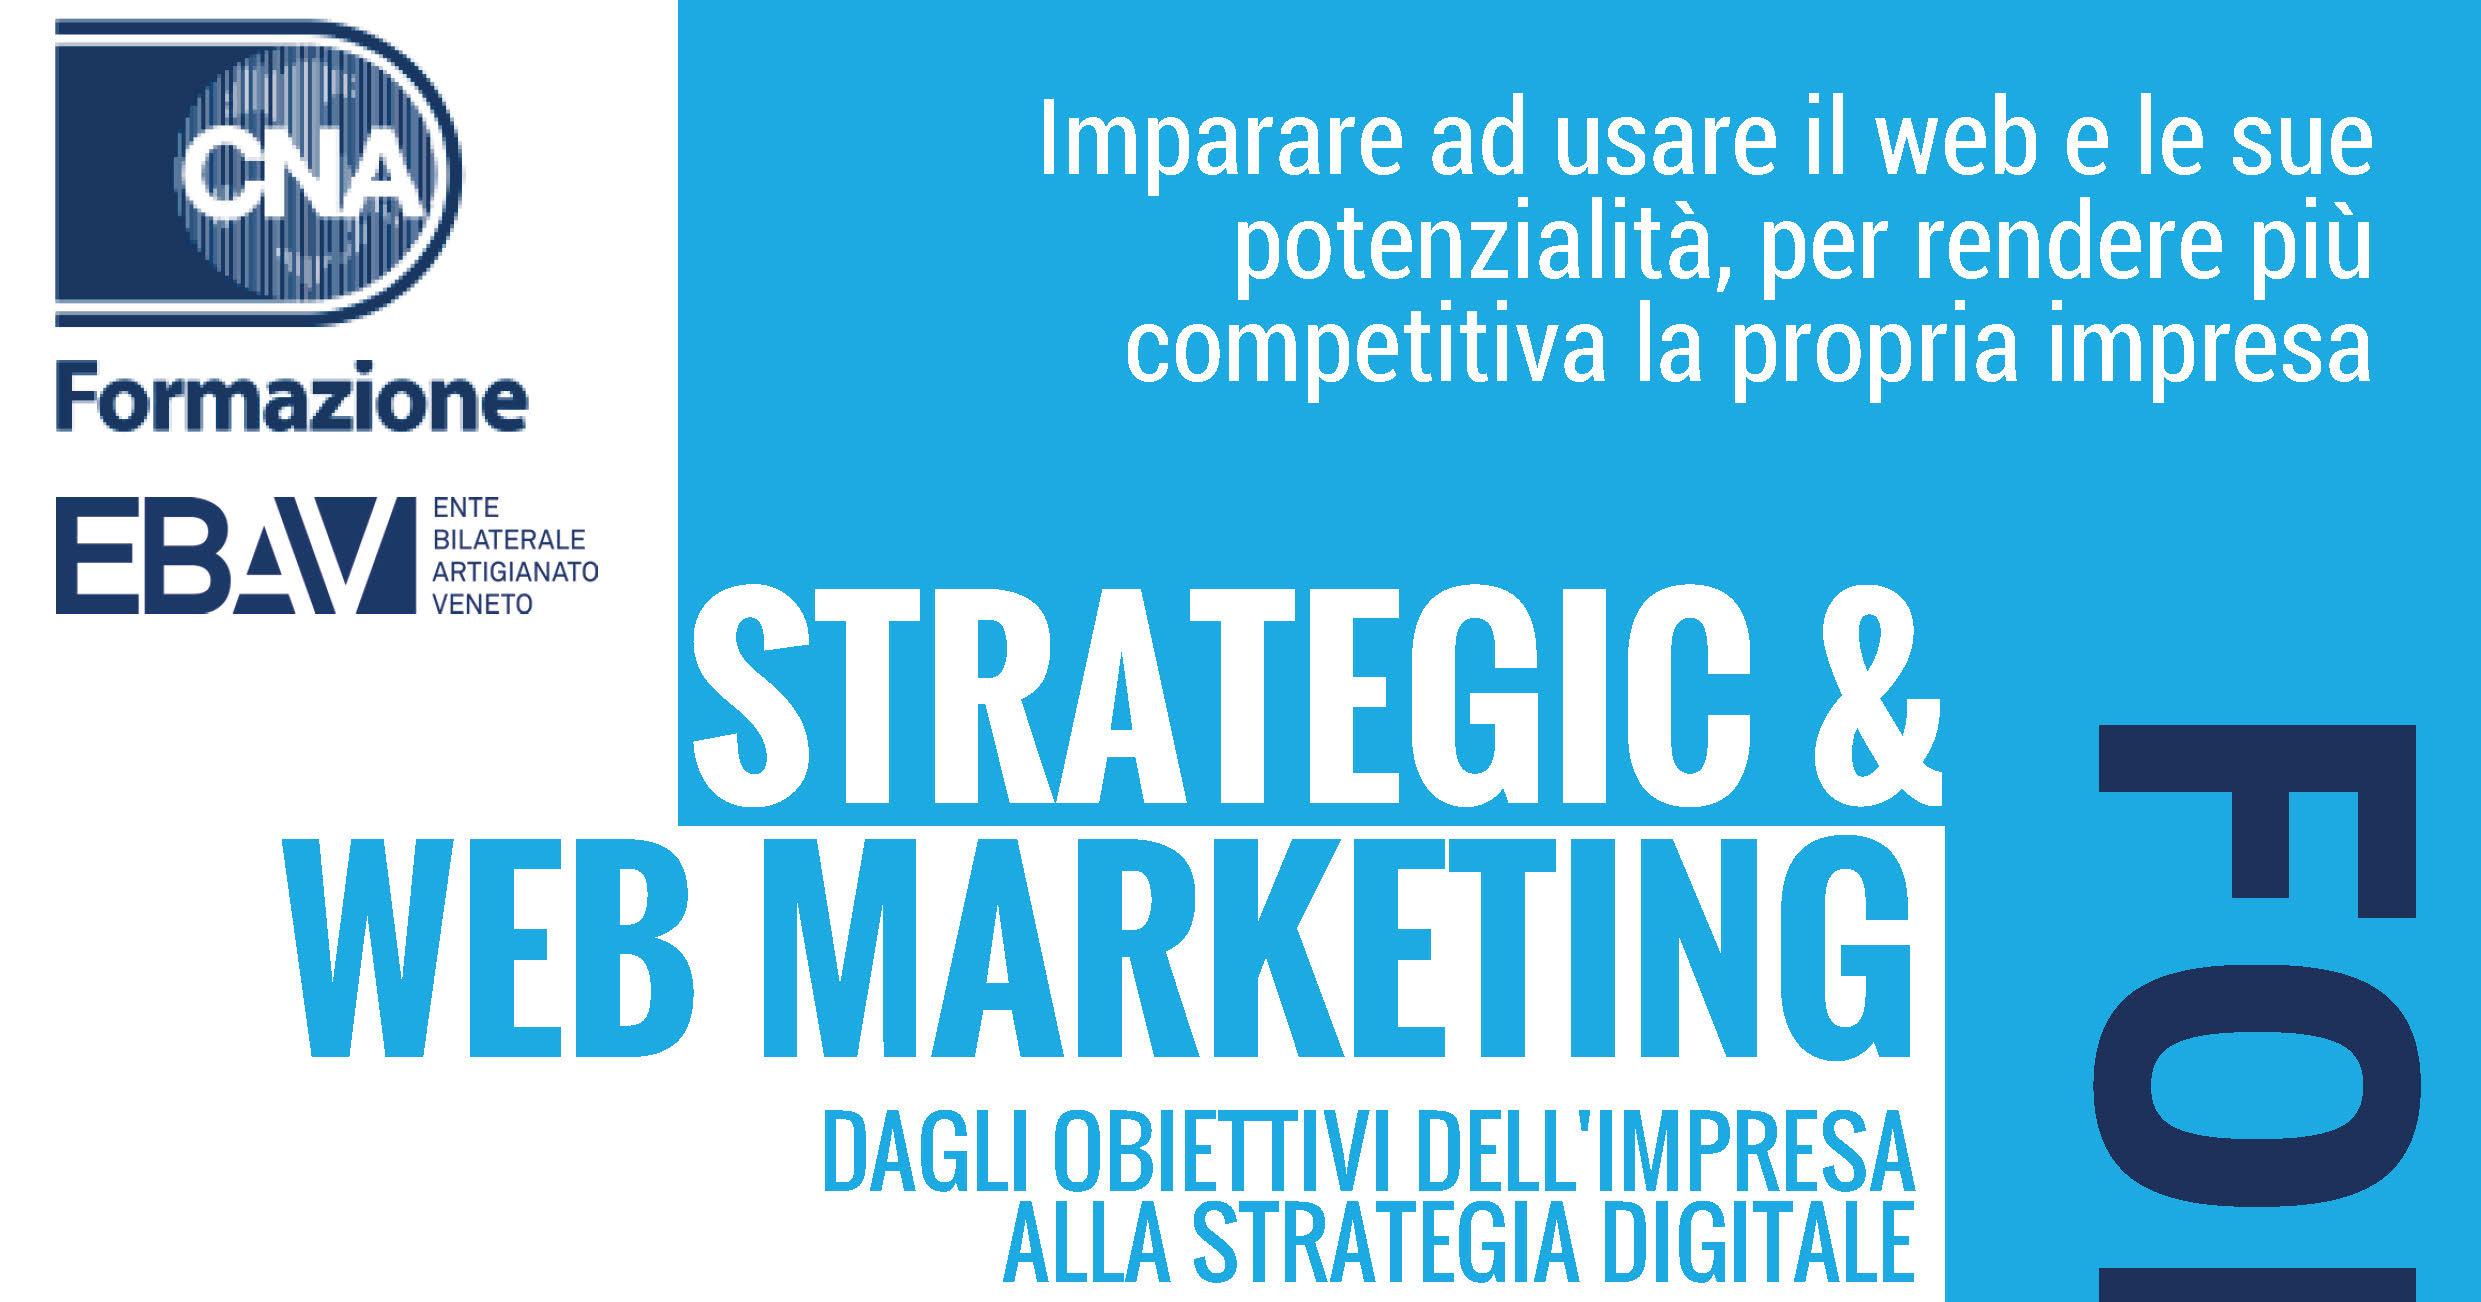 Strategic & Web Marketing: dagli obiettivi dell'impresa alla strategia digitale